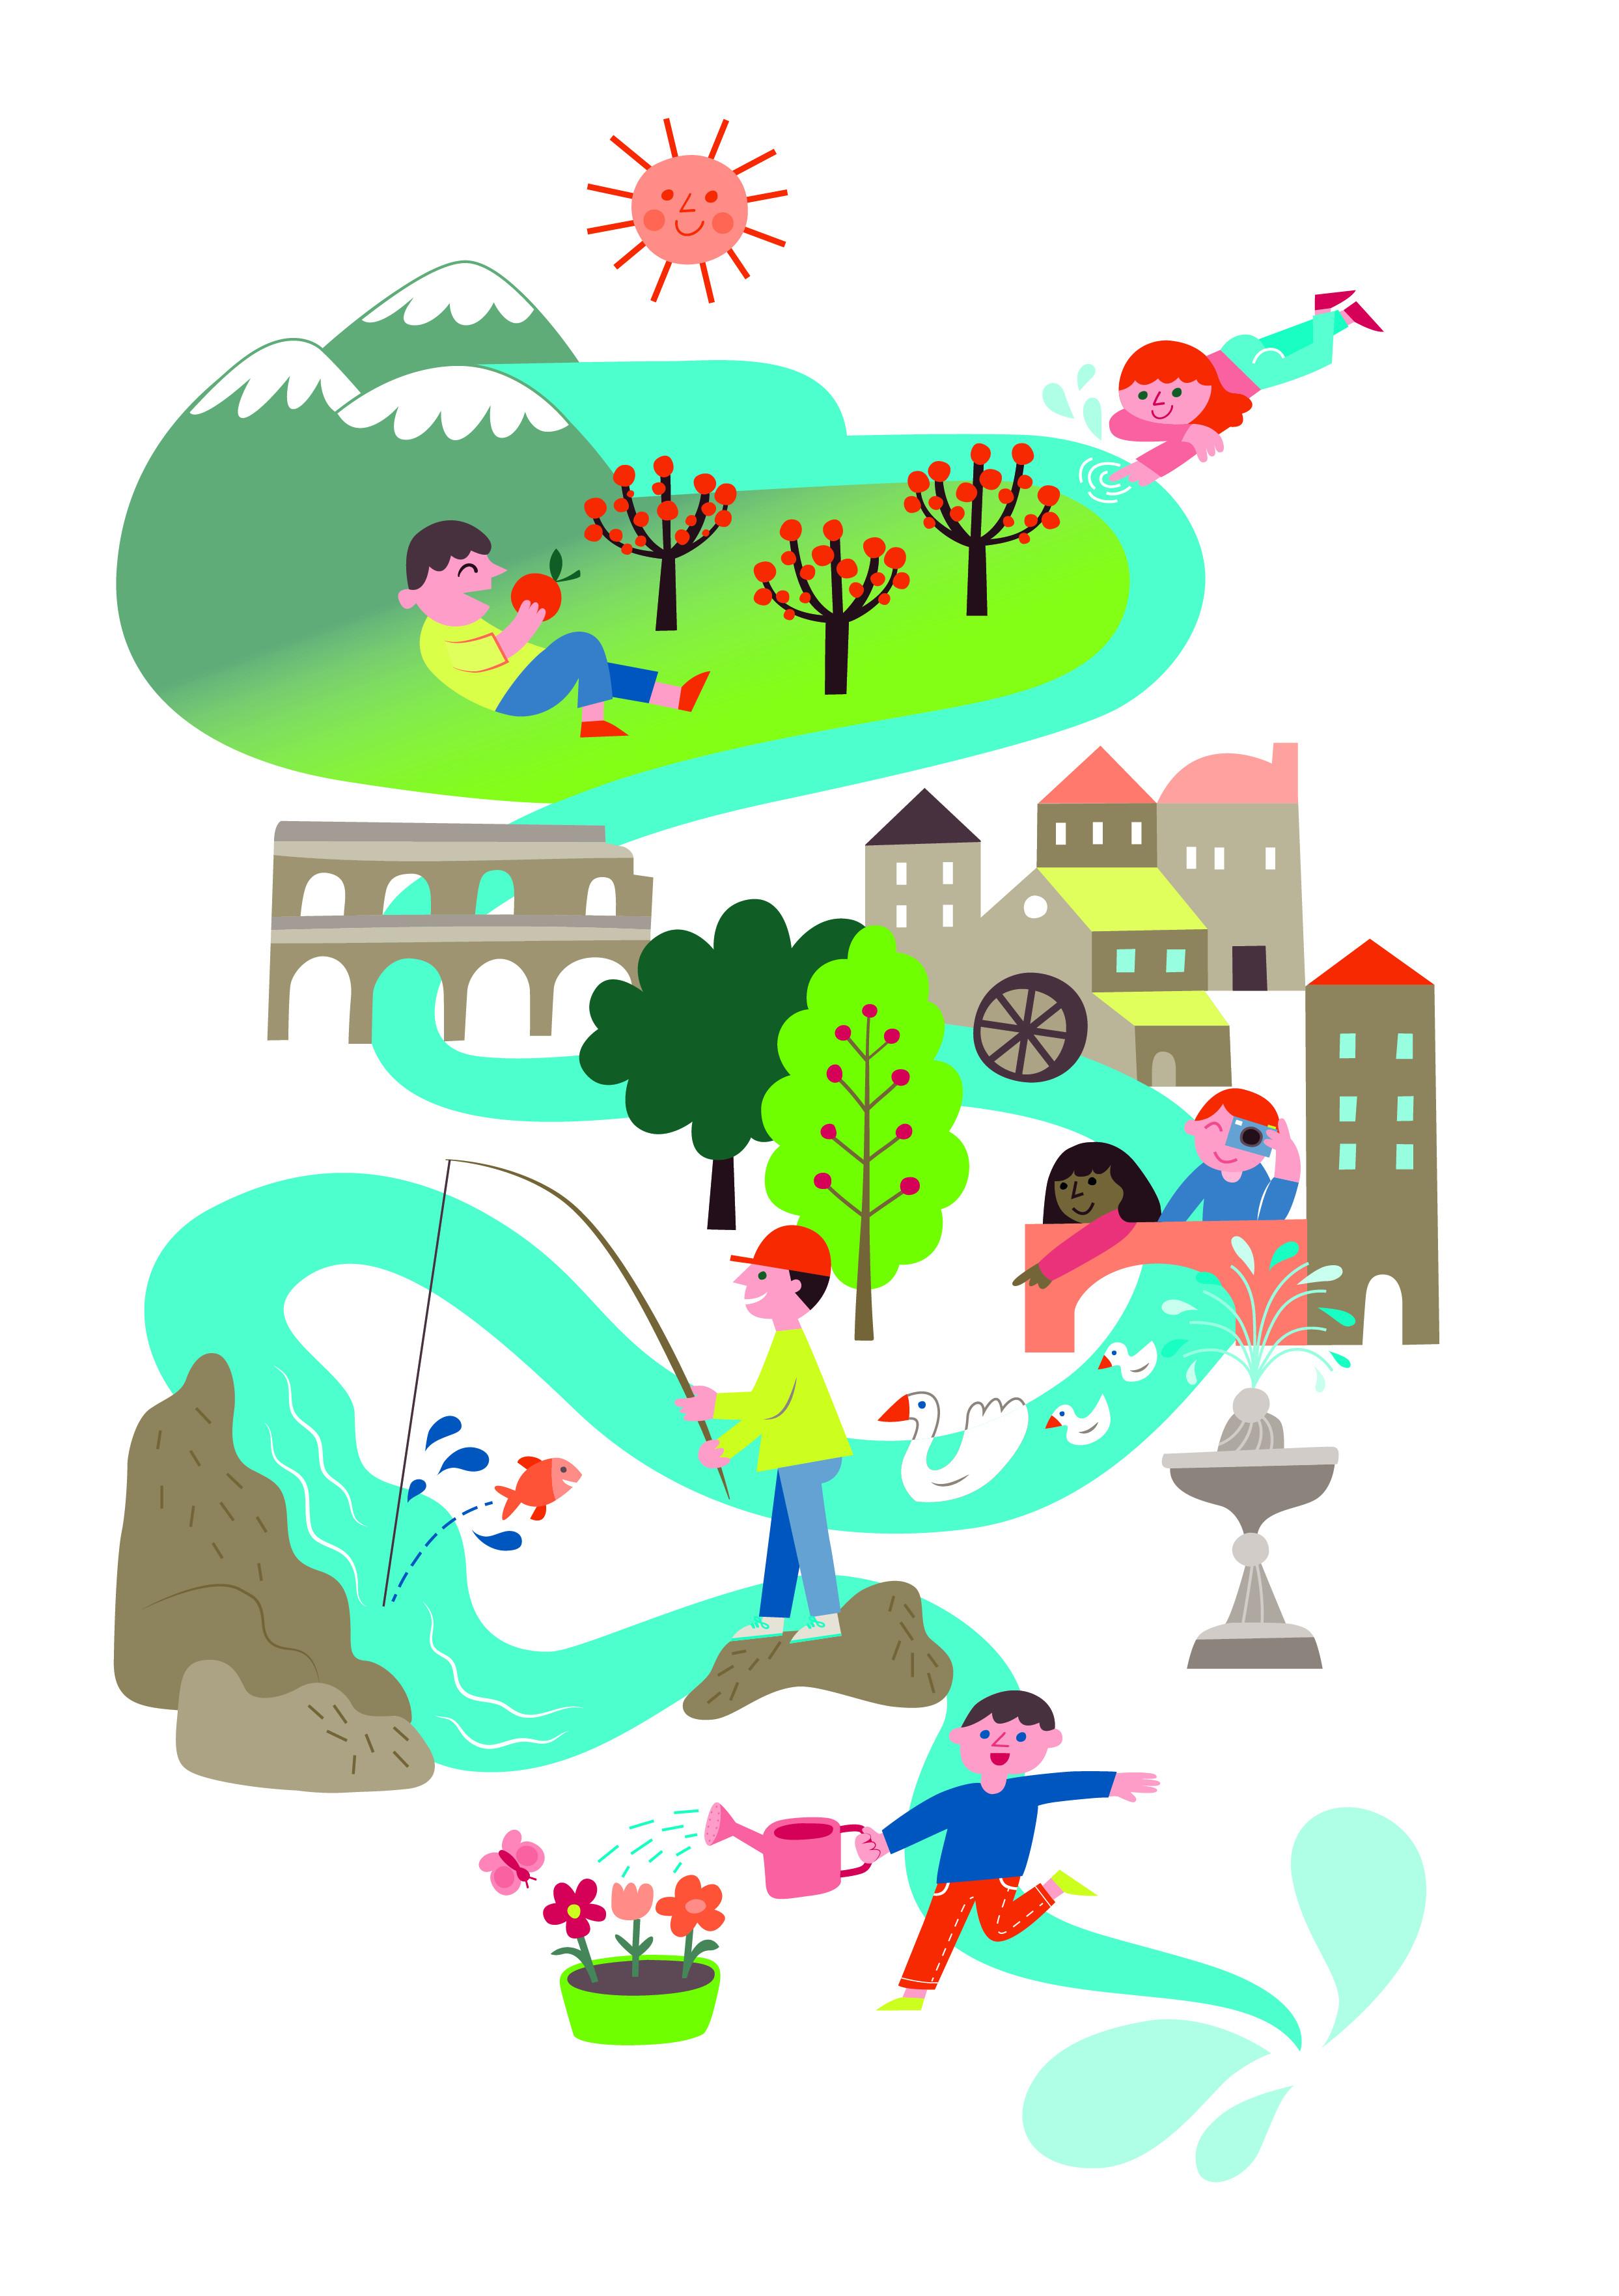 Acqua Viva Il Progetto Di Educazione Ambientale Del Fai Scuola